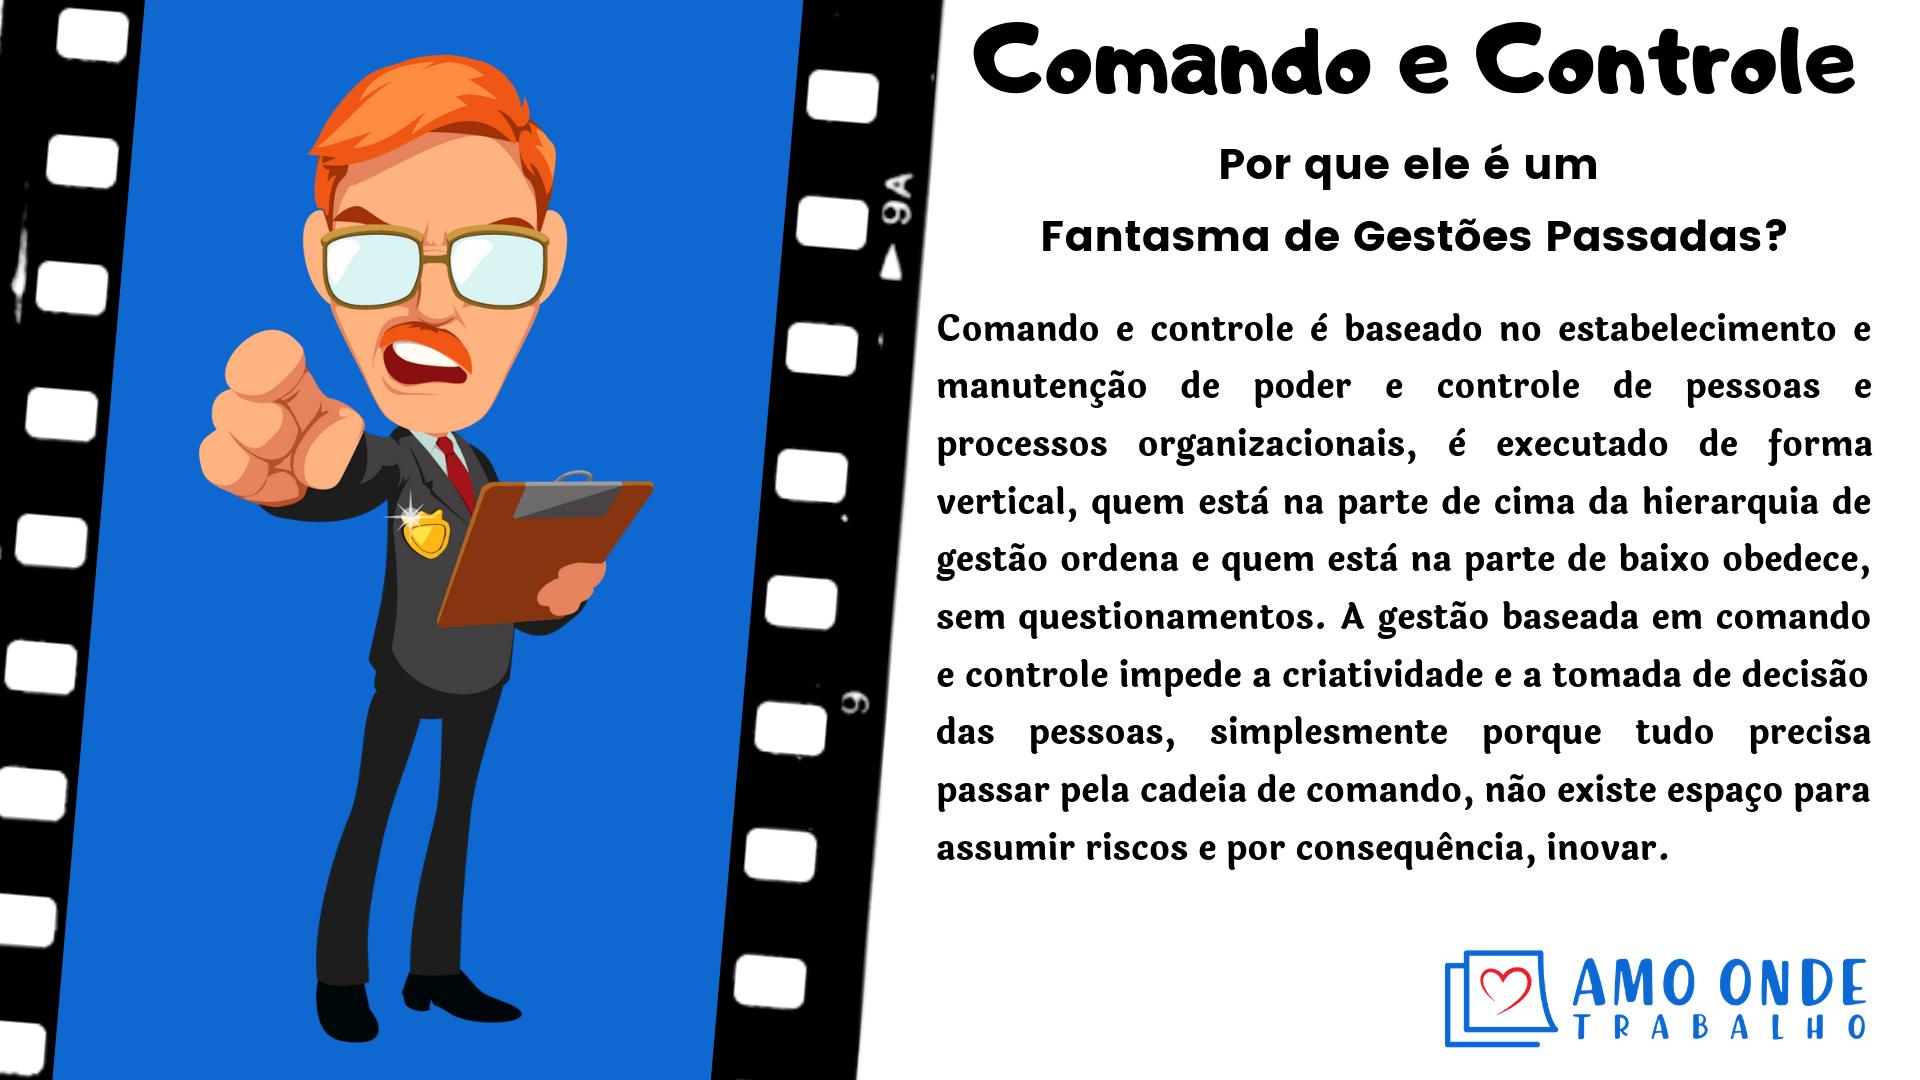 Fantasmas de Gestões Passadas -Comando e Controle